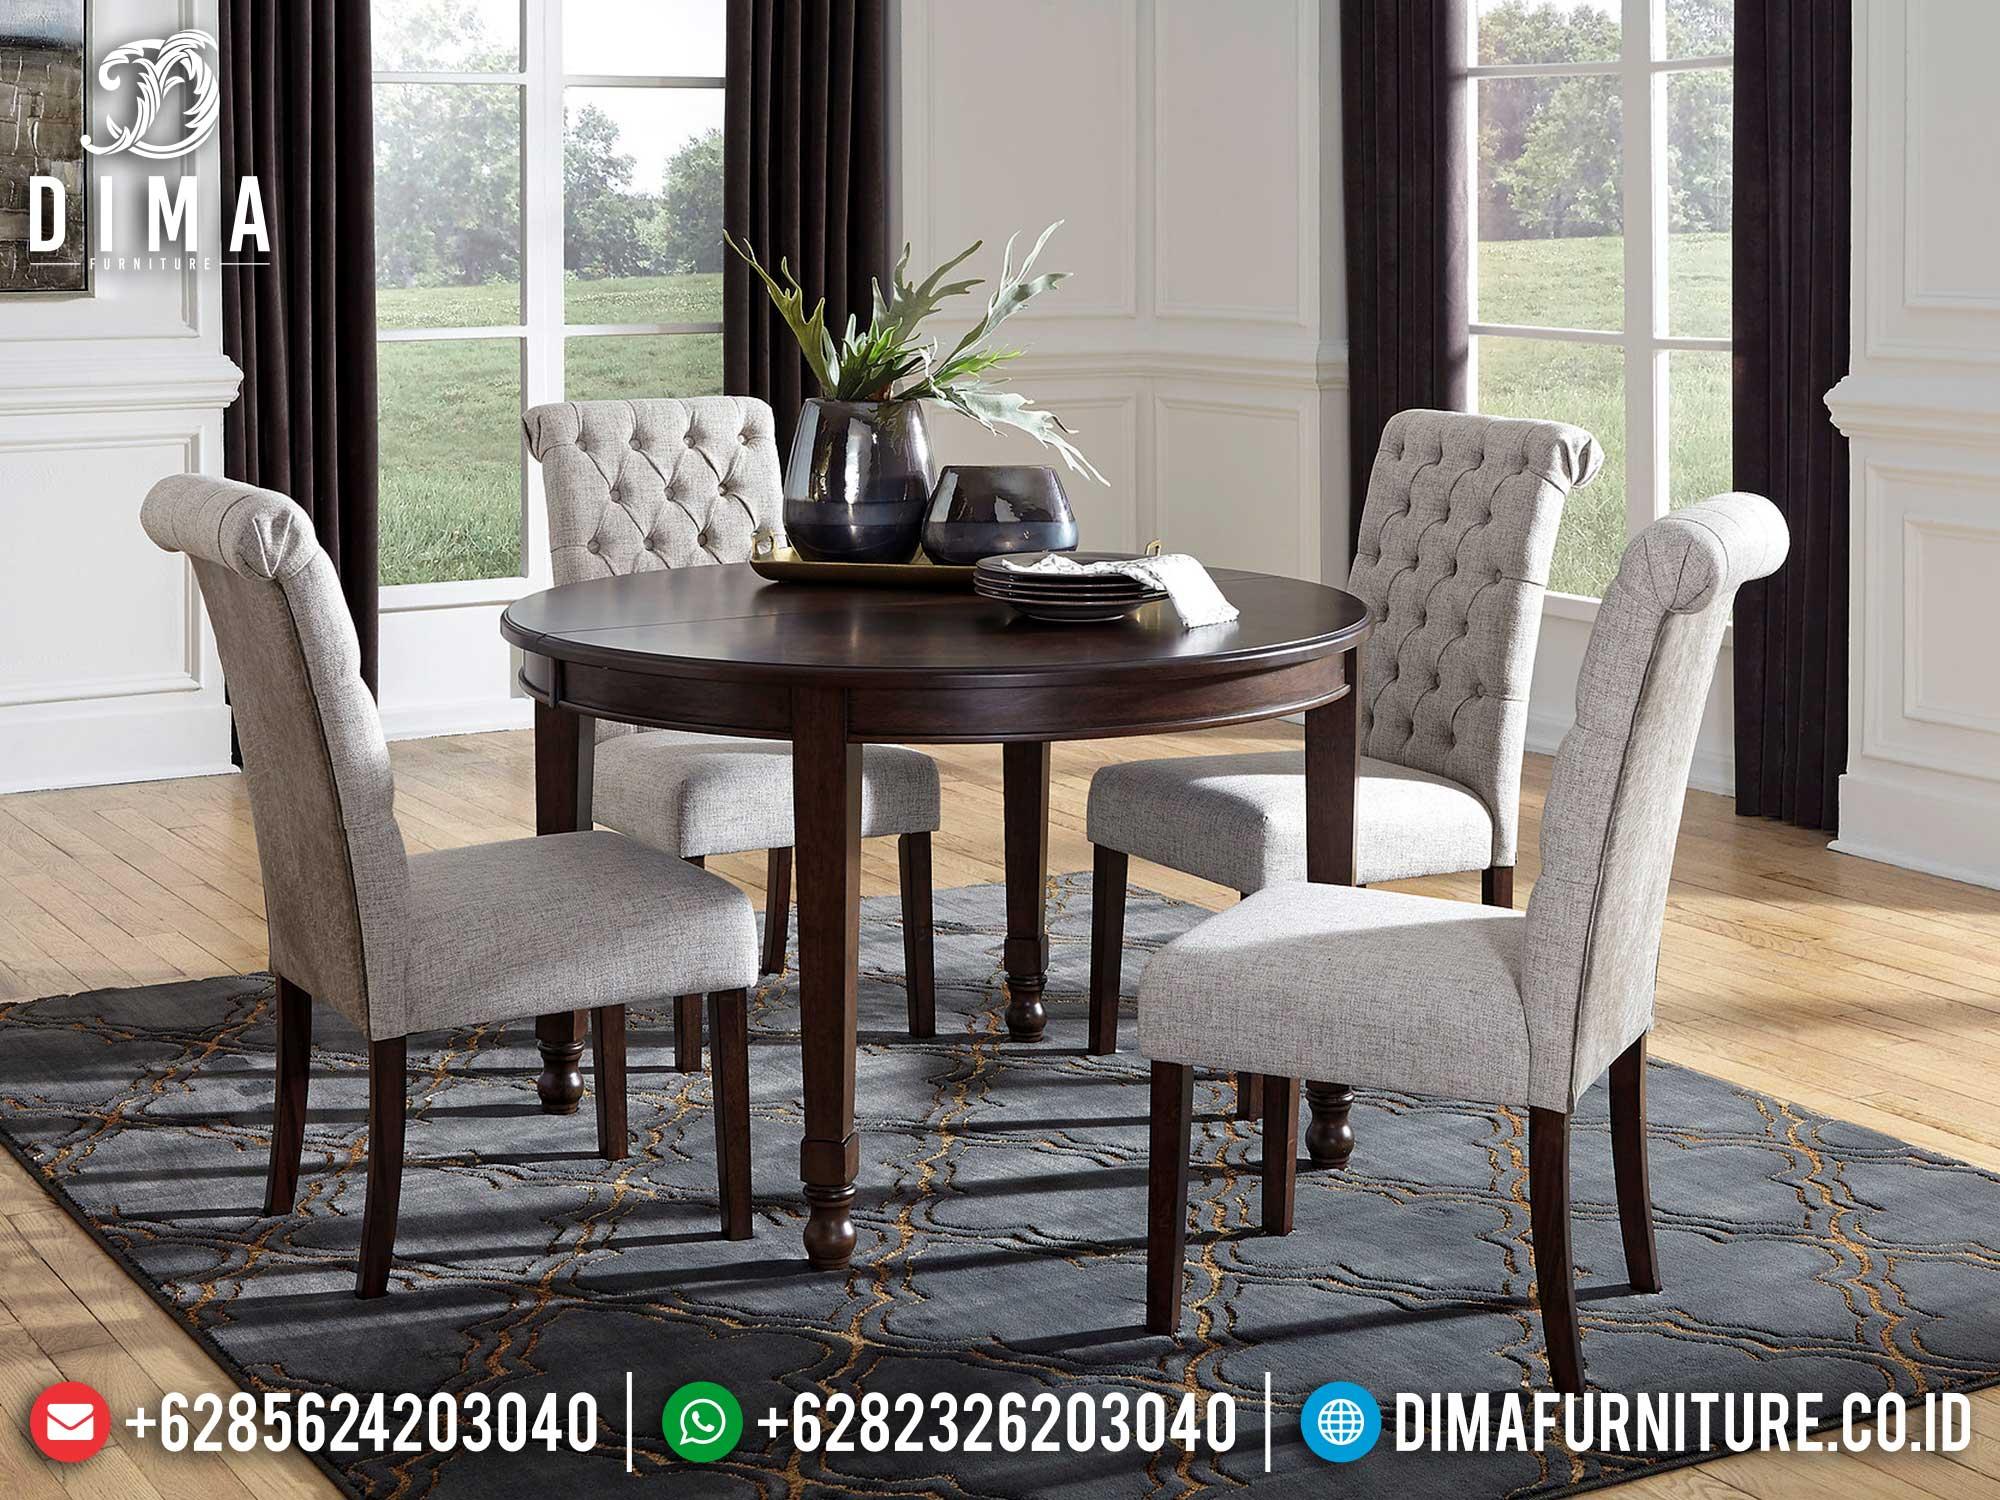 Meja Makan Minimalis Bundar Luxury Natural Salak Color Furniture Jepara Terbaru Mm-1037